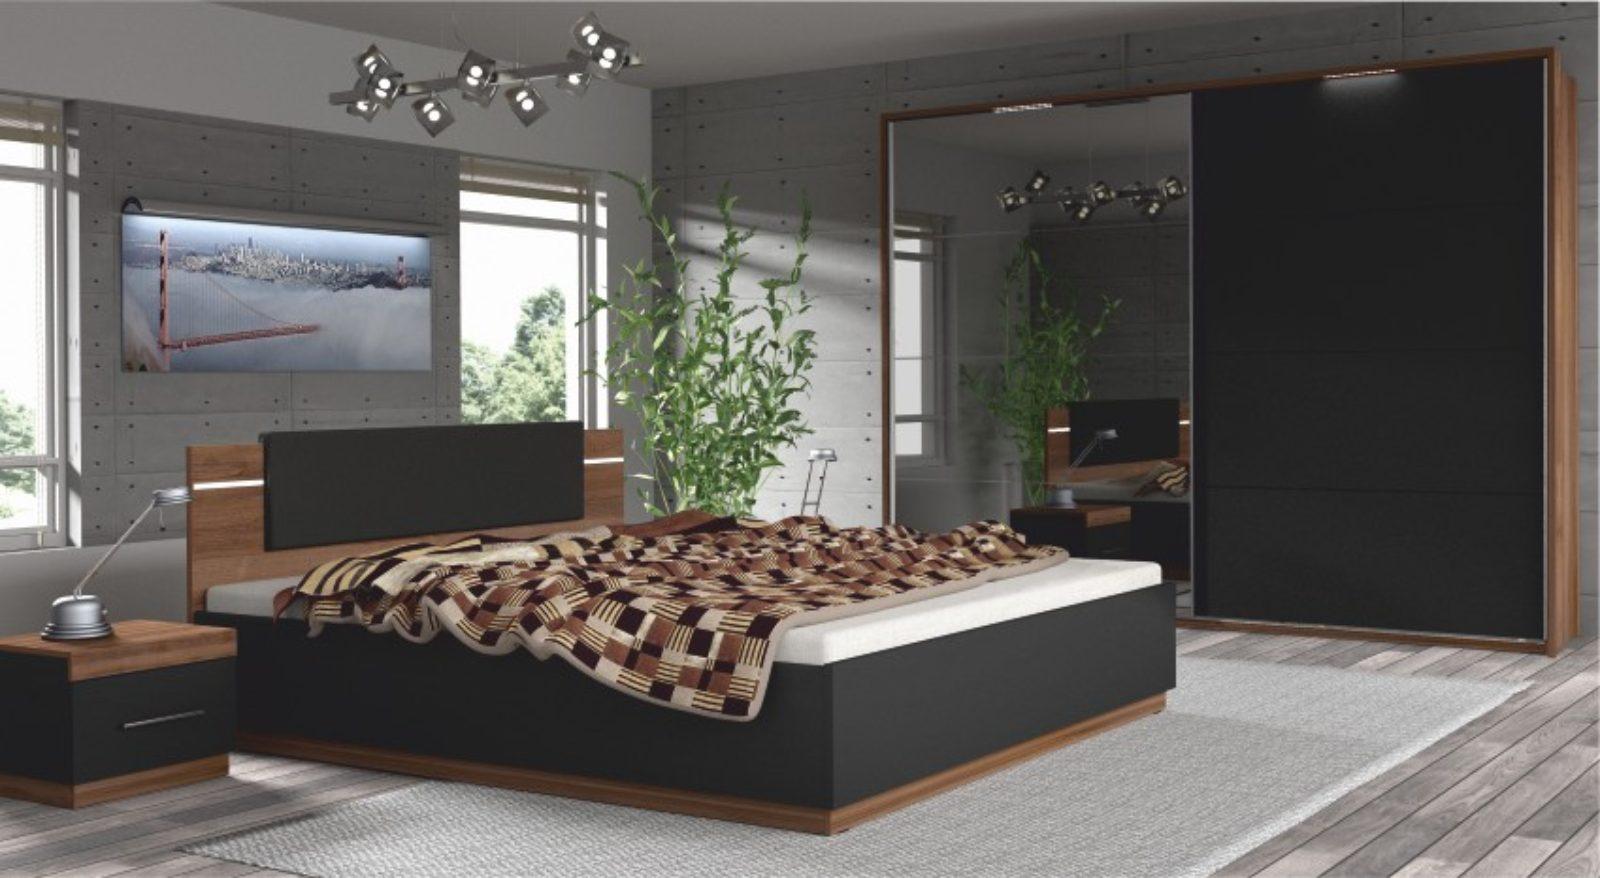 Ador Mobila dormitor Degas mobilier Brasov 12(1)